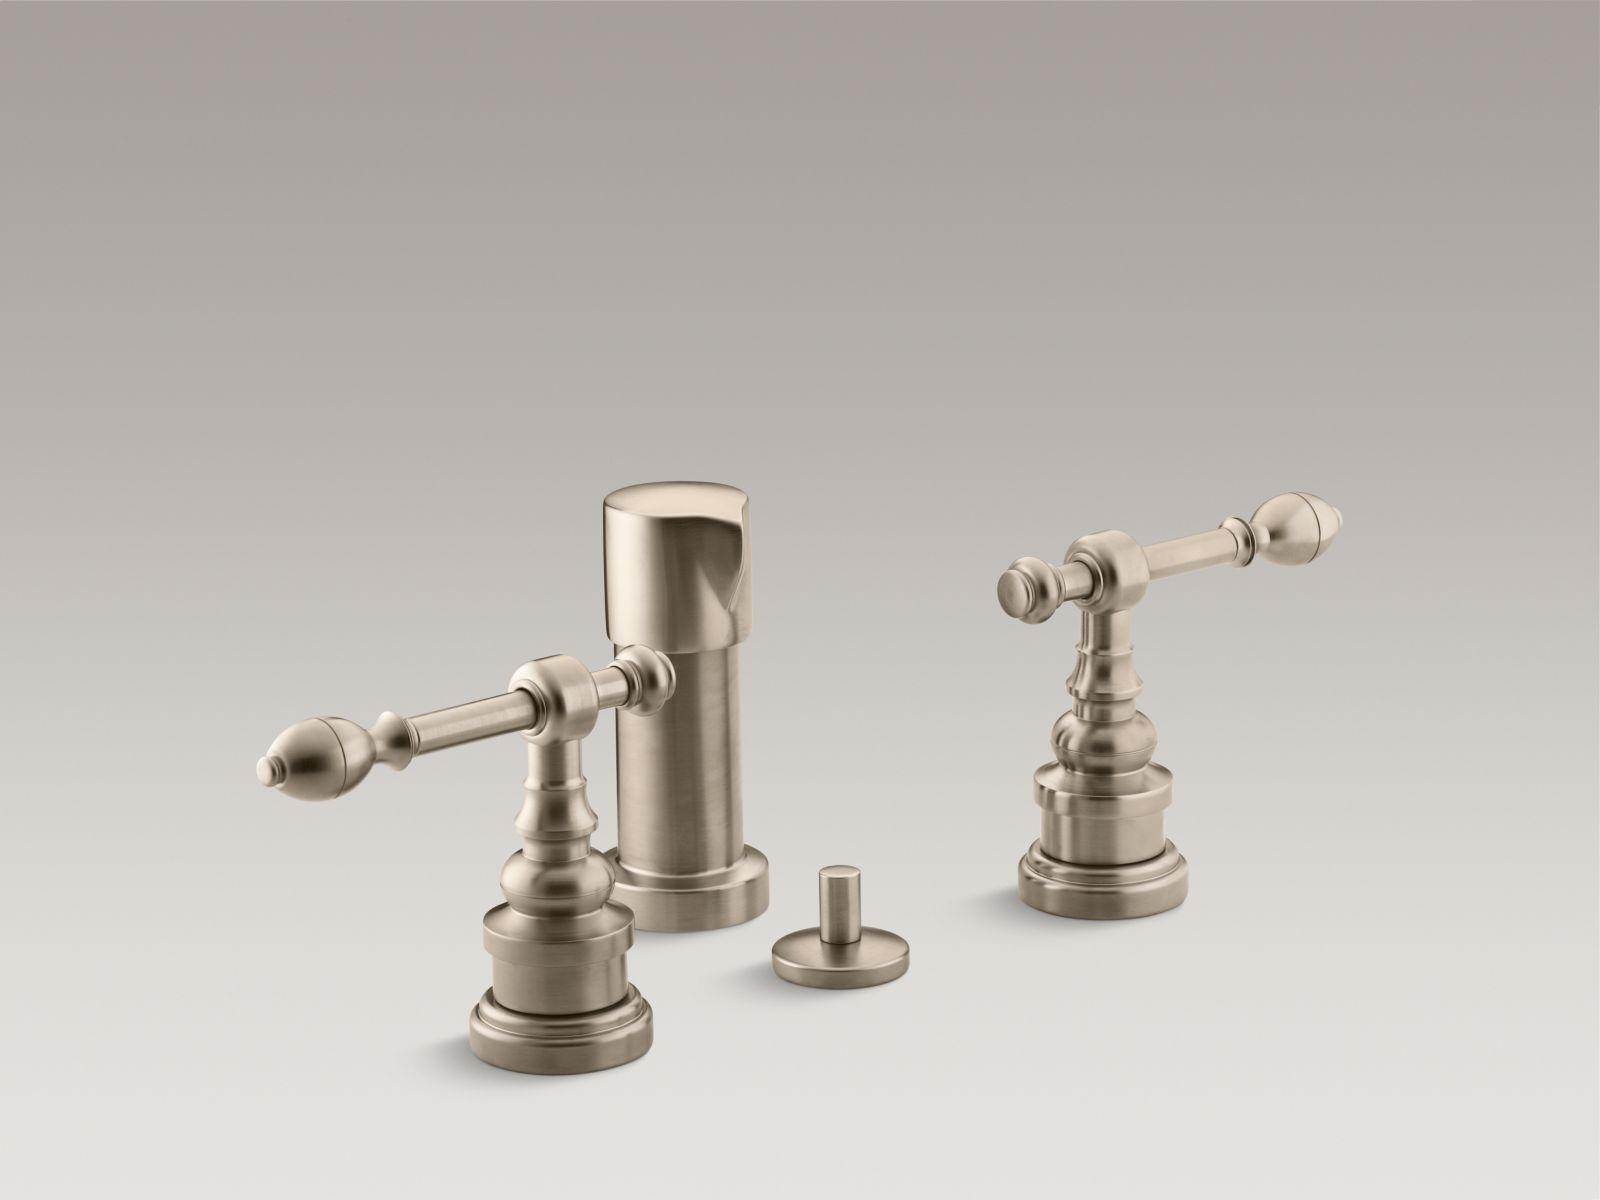 Kohler K-6814-4-BV IV Georges Brass Vertical Spray Bidet Faucet with Lever Handles Vibrant Brushed Bronze